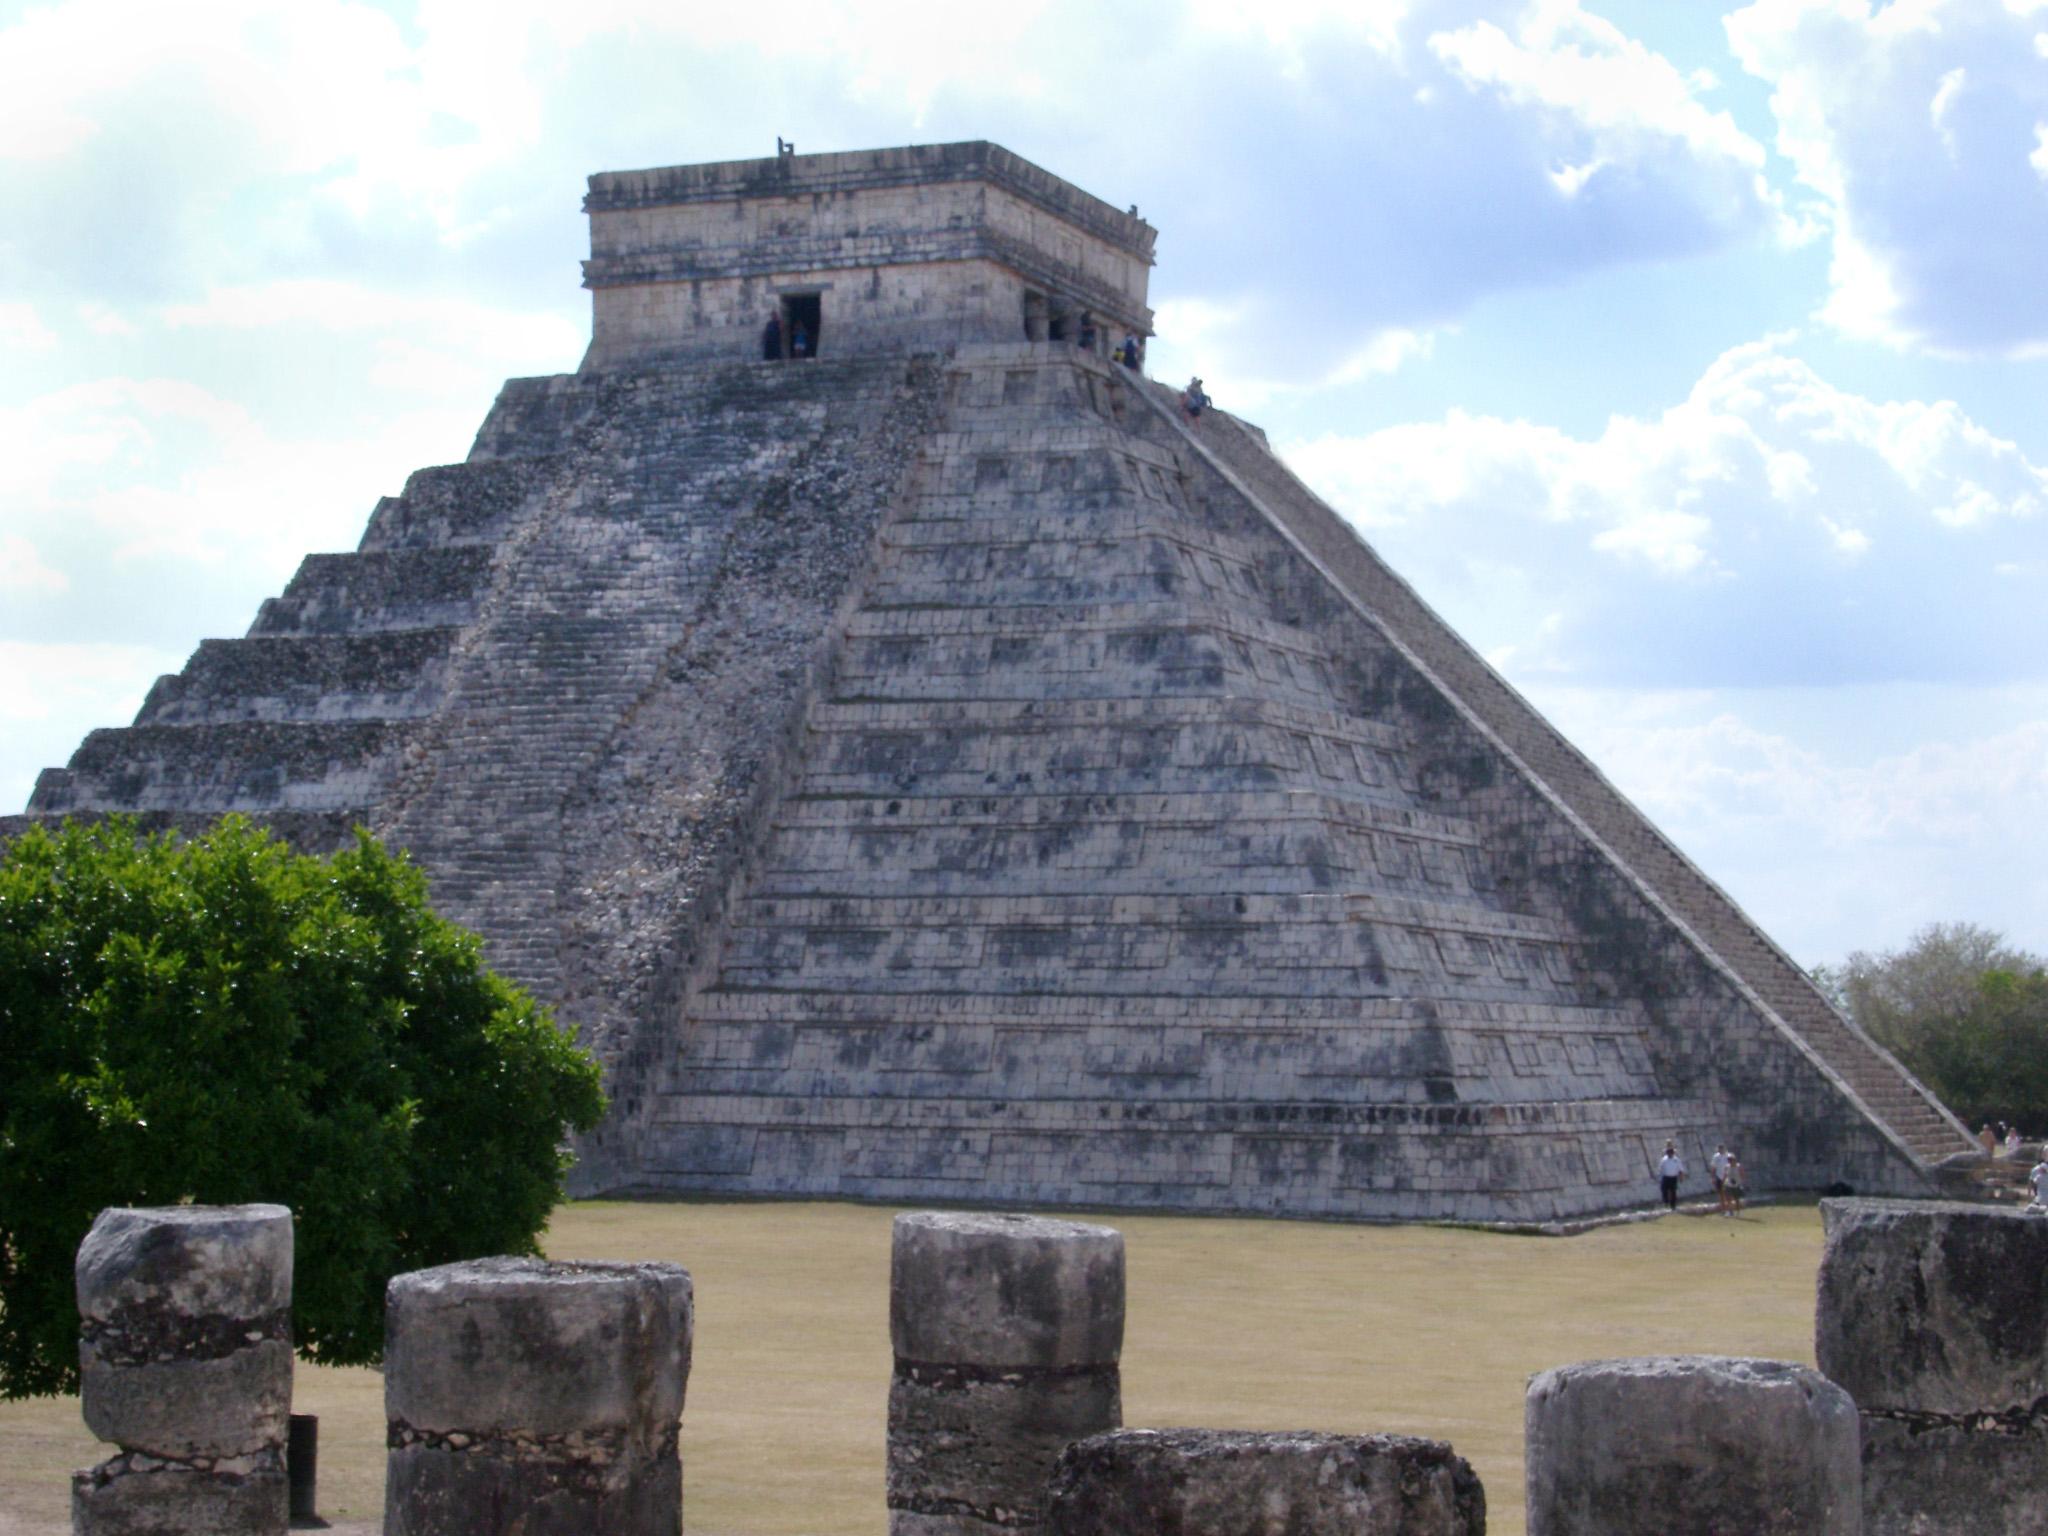 クフ王のピラミッドの謎を徹底追求!日本と繋がりがある?!